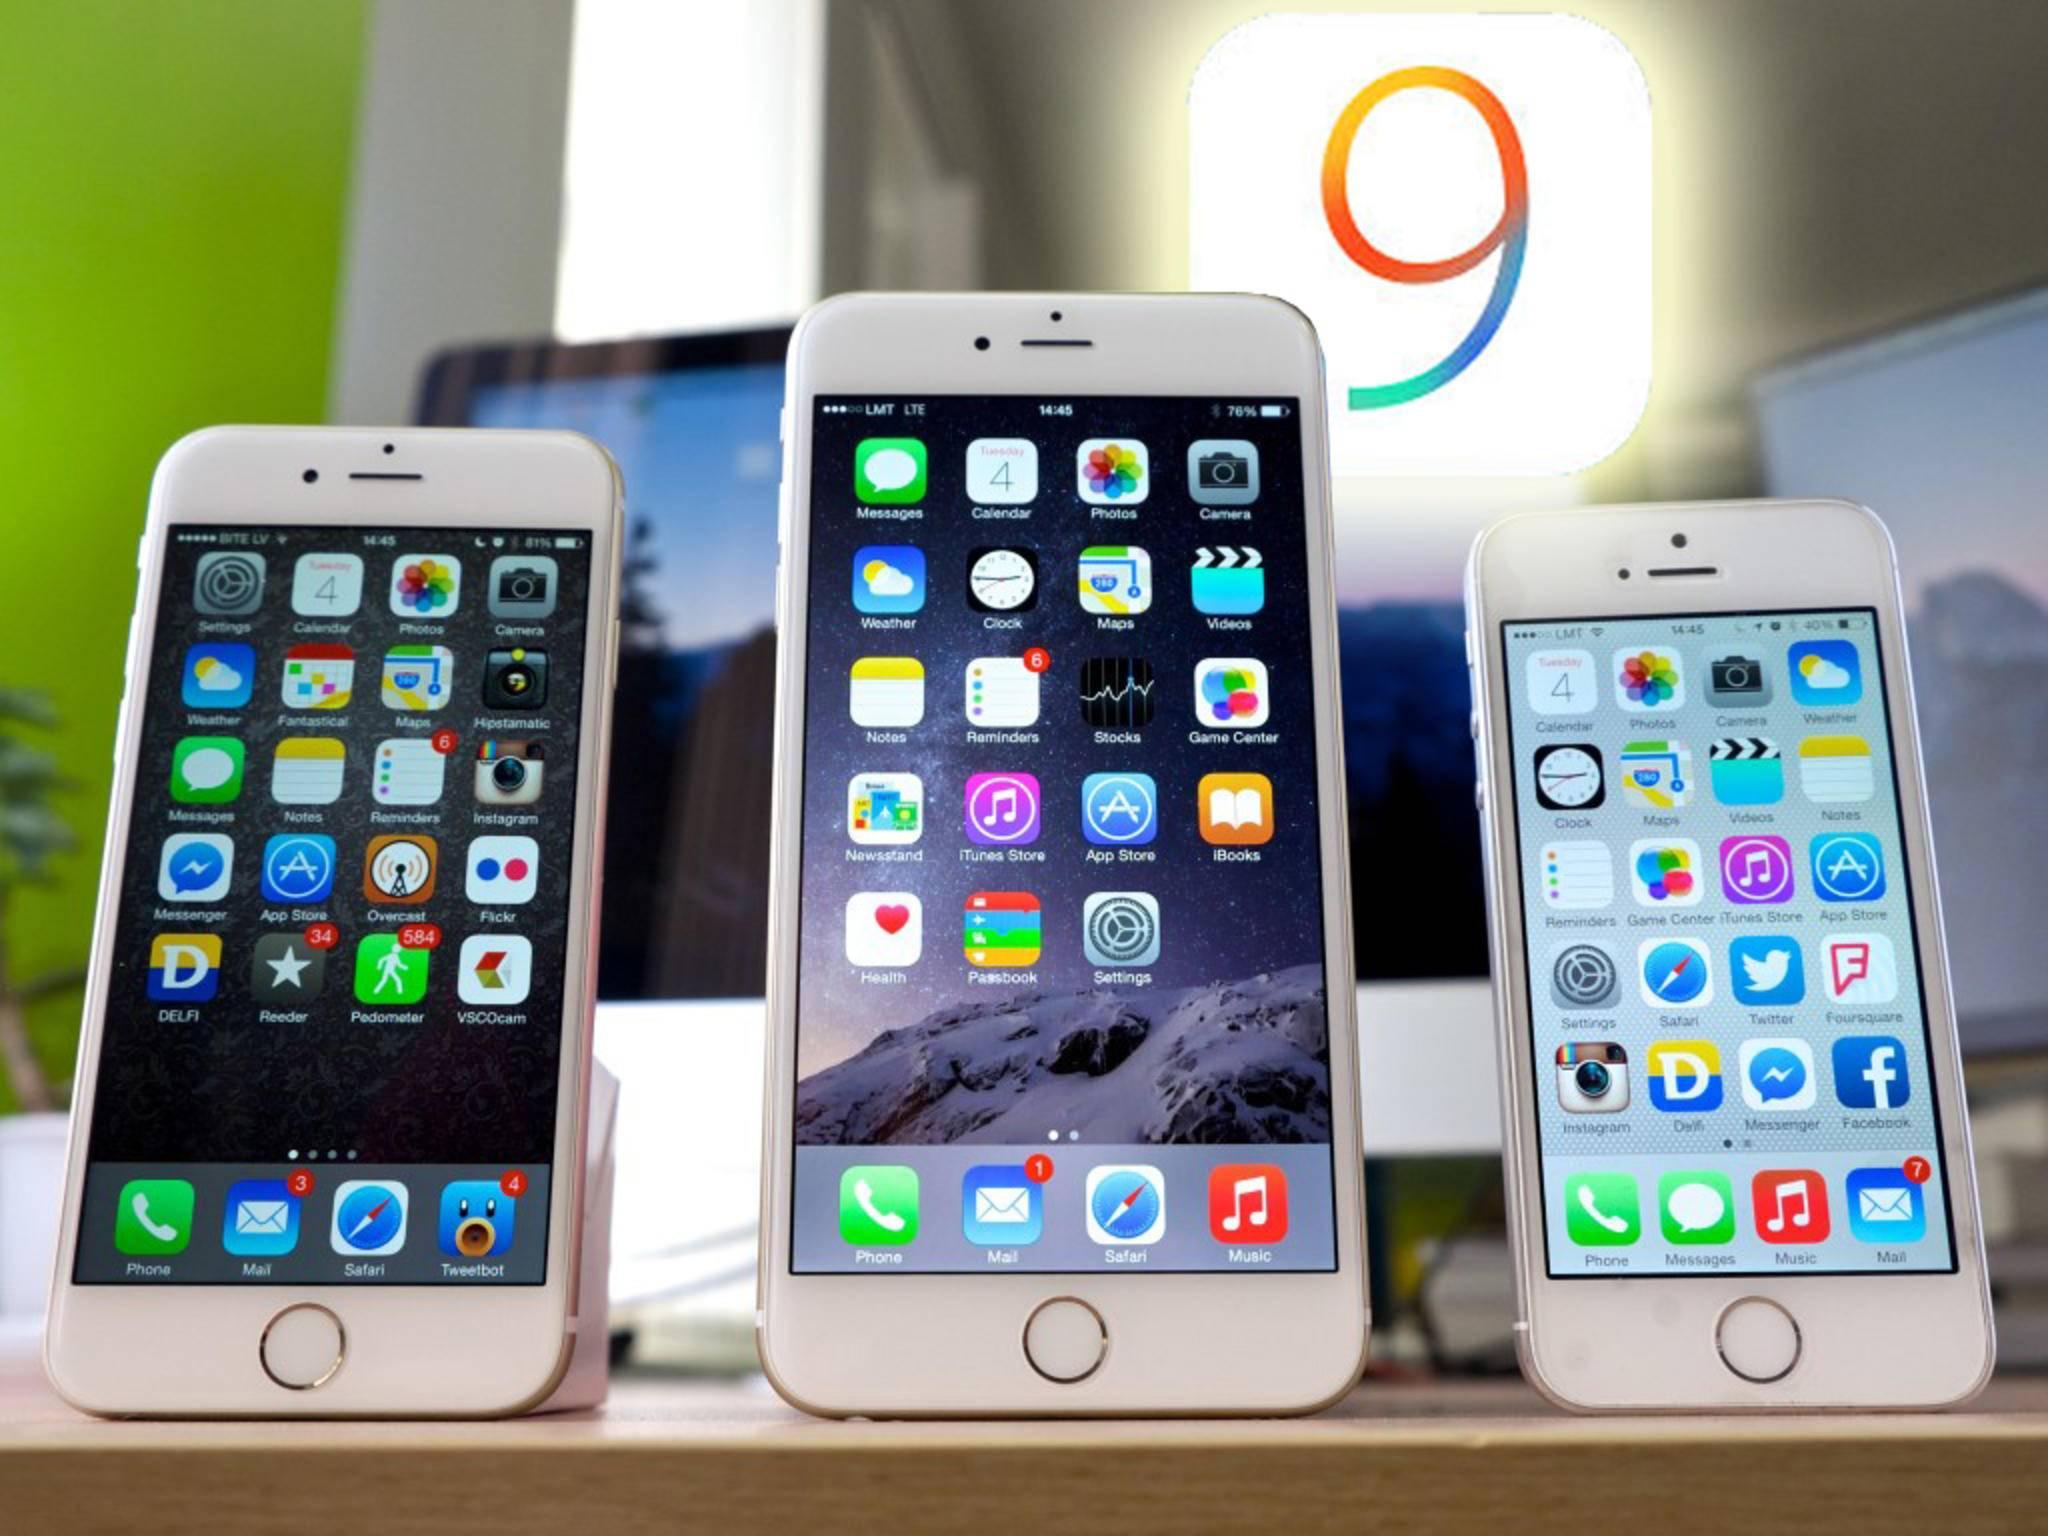 Nach den Entwicklern dürfen nun alle die neue iOS 9-Beta testen.